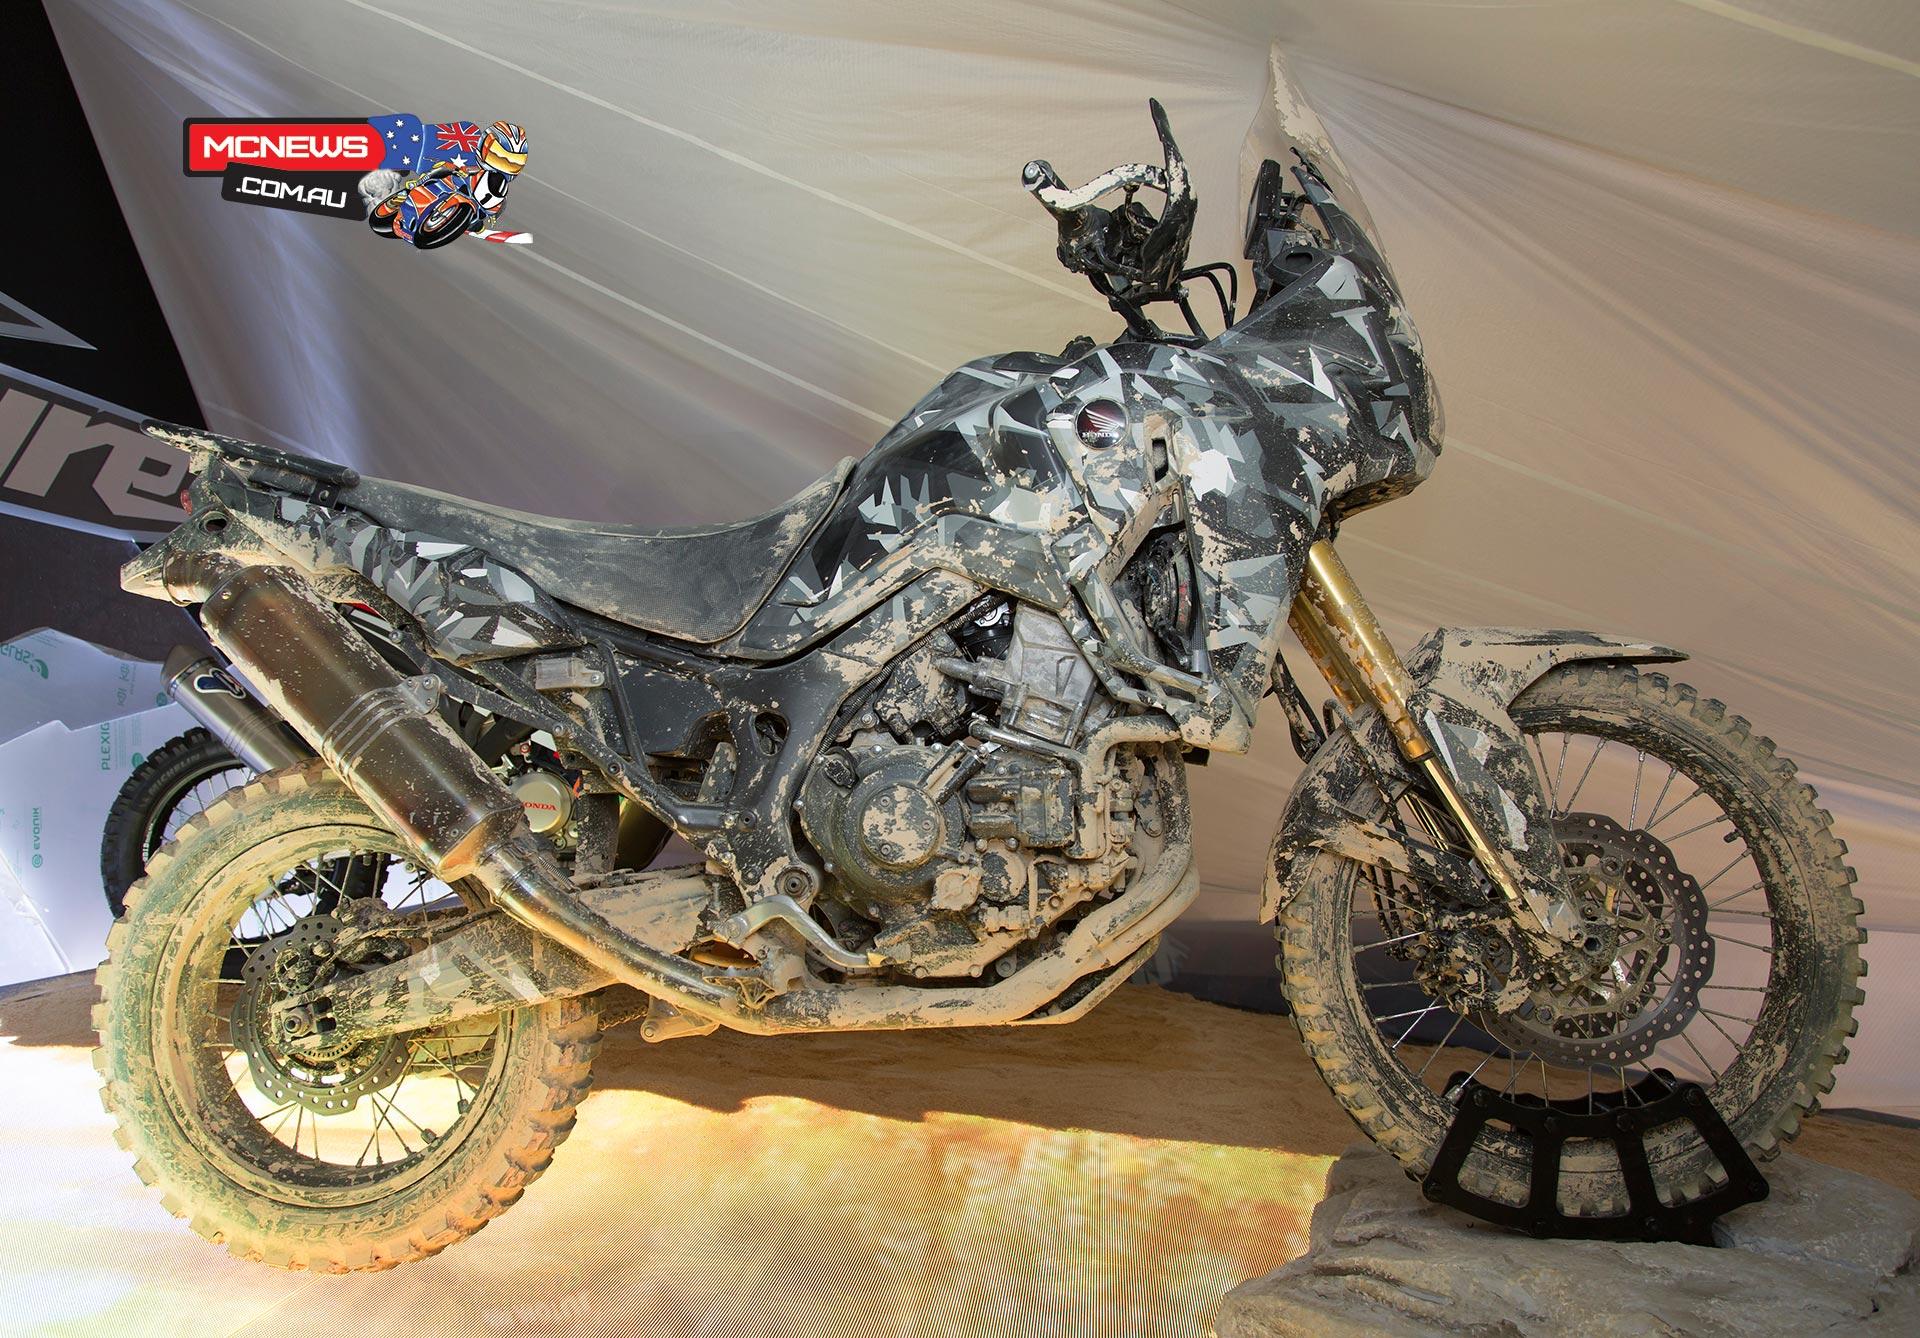 Honda Adventure Prototype